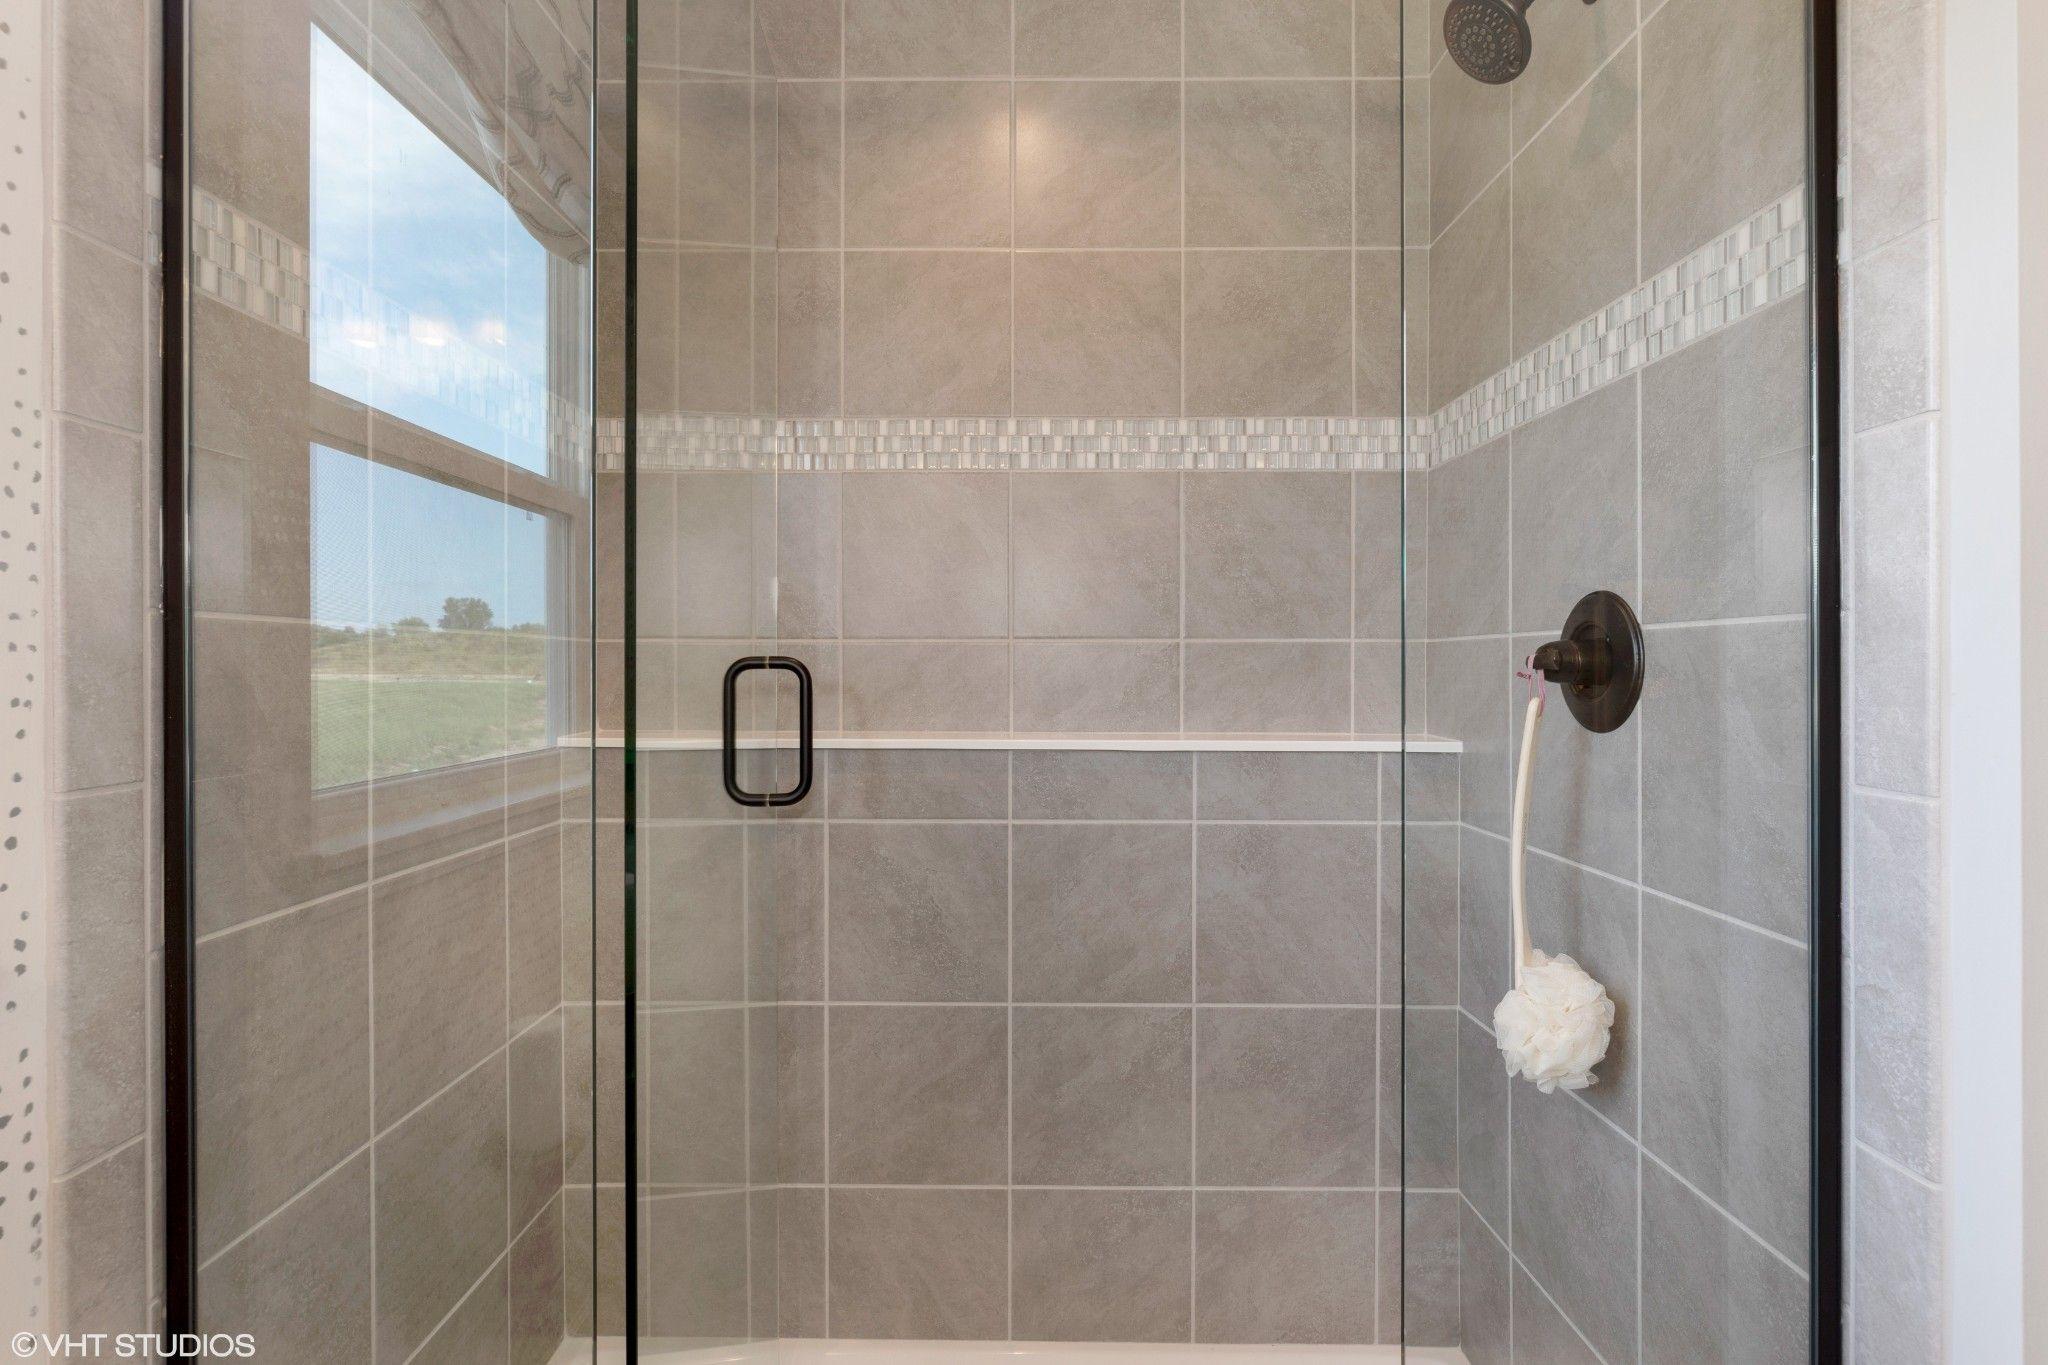 Bathroom featured in the Berkley By Olthof Homes in Fort Wayne, IN